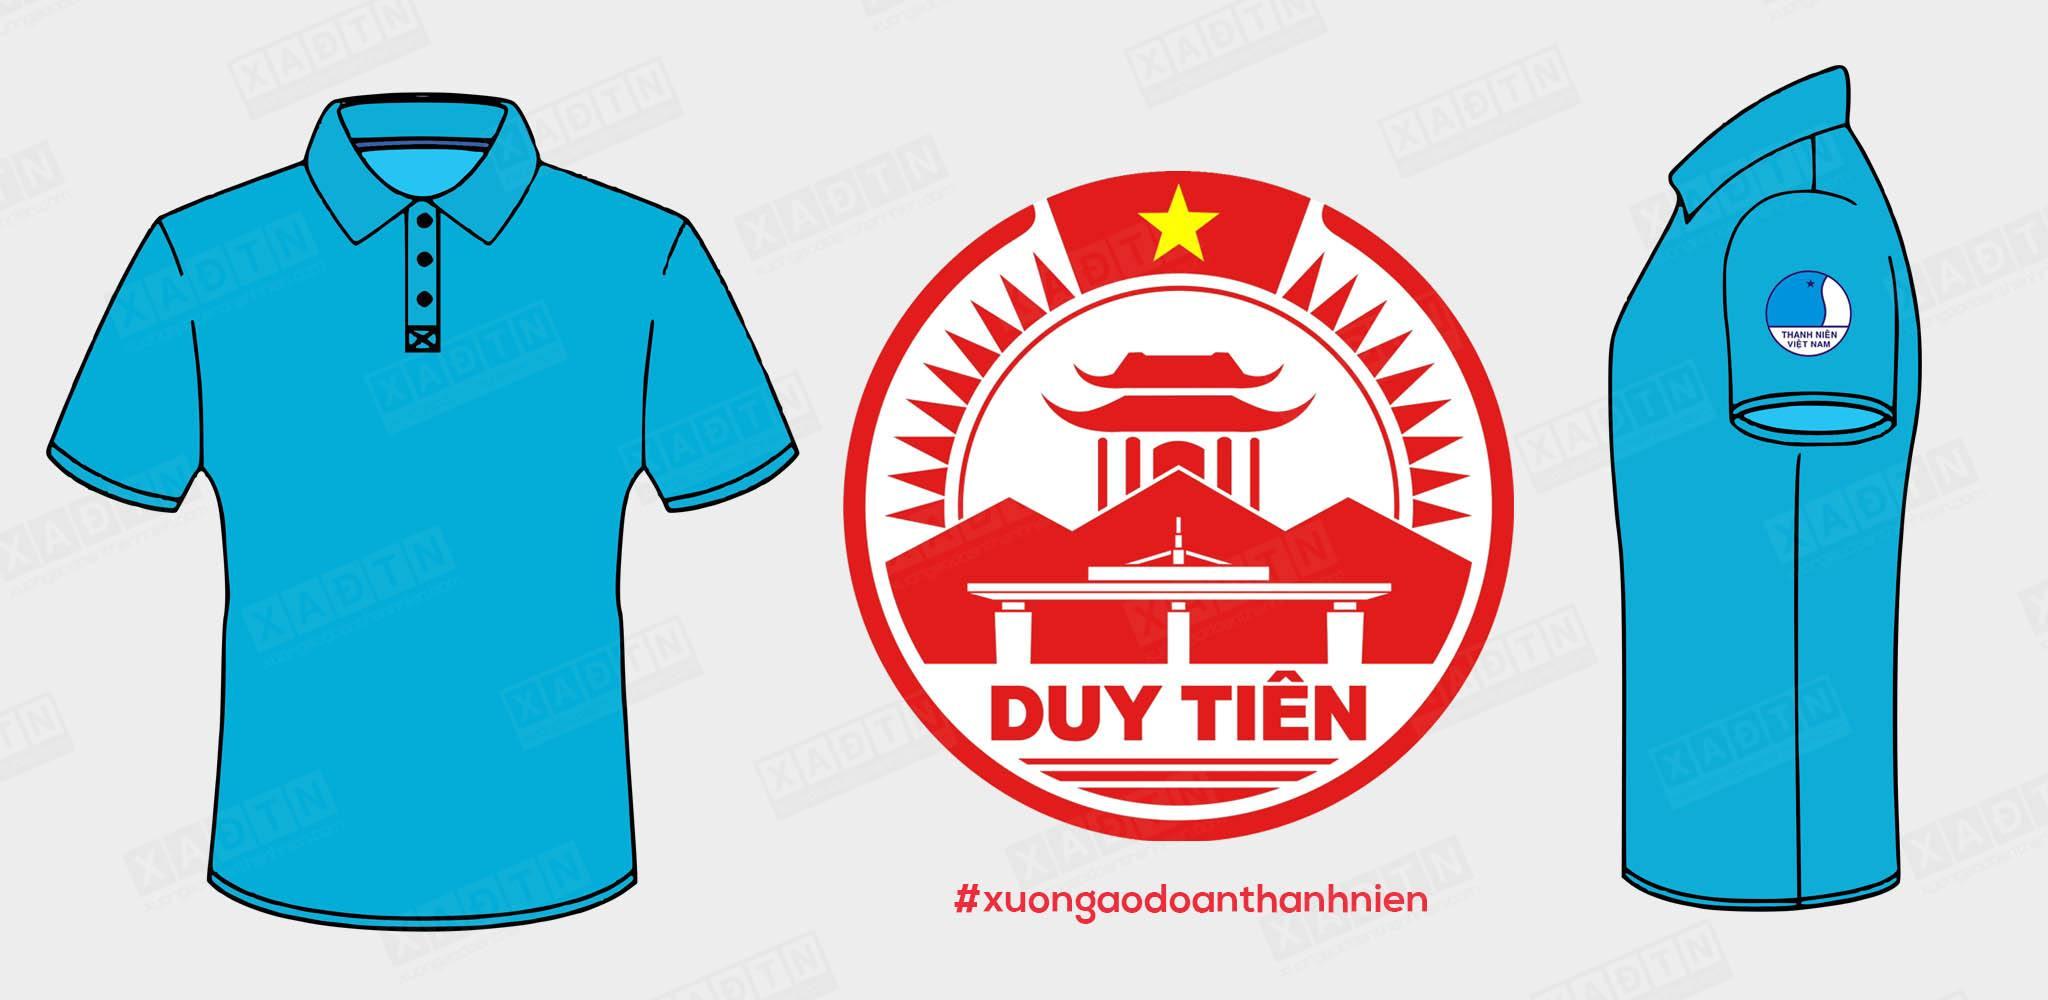 Ao Hoi Lien Hiep Duy Tien